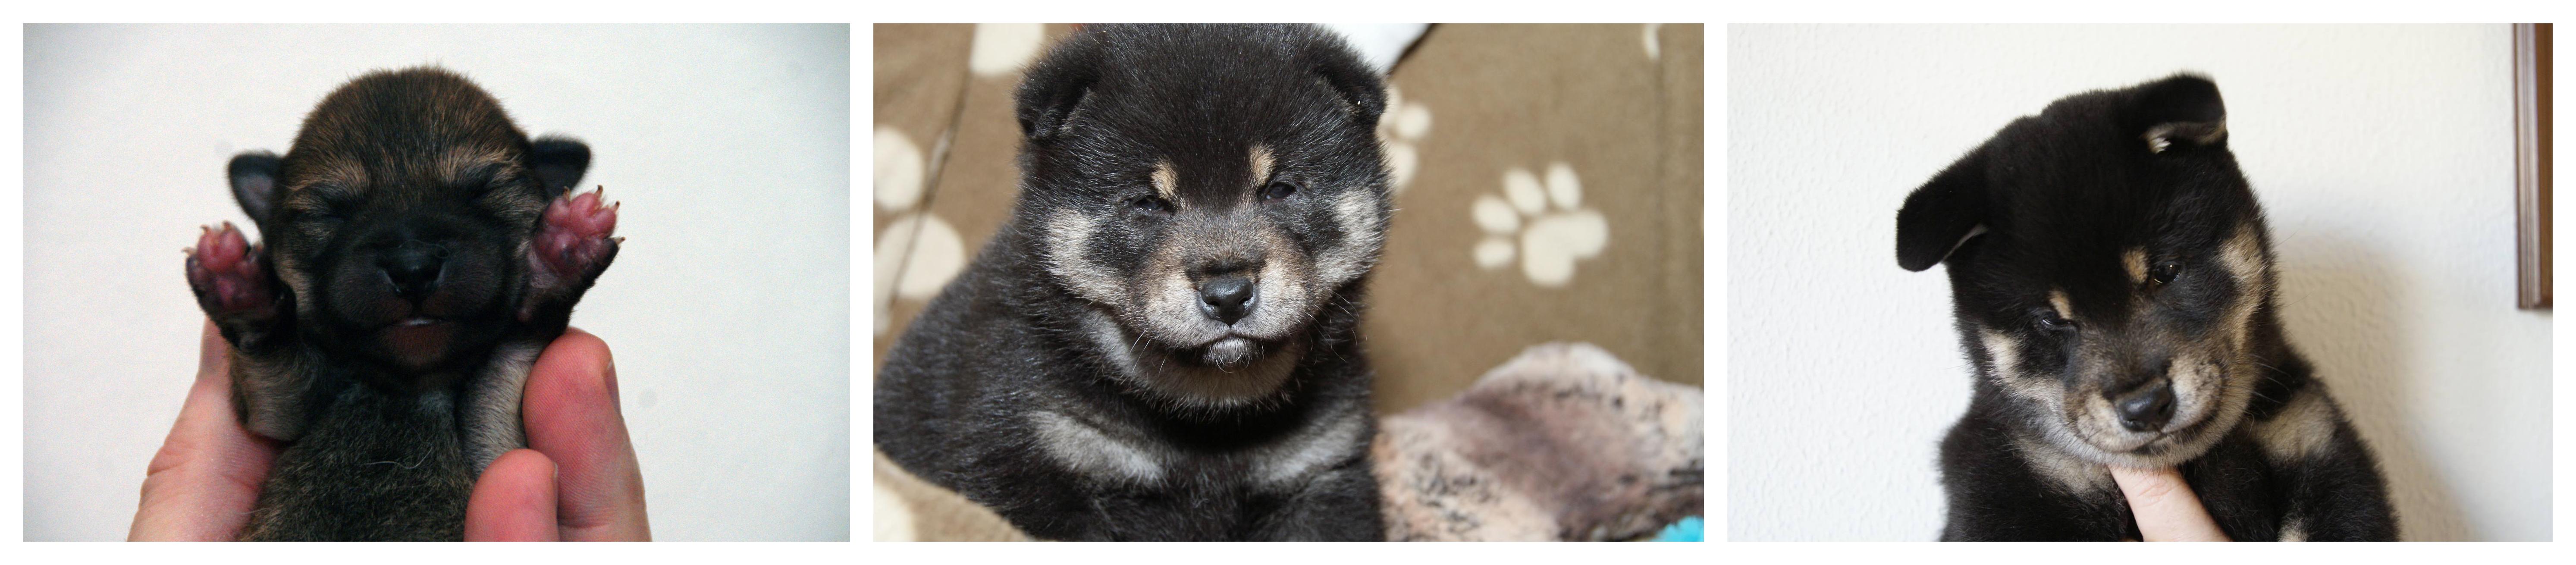 Bij Black and Tan pupjes zie je het Urajiro heel goed tot ontwikkeling komen in de eerste acht weken.